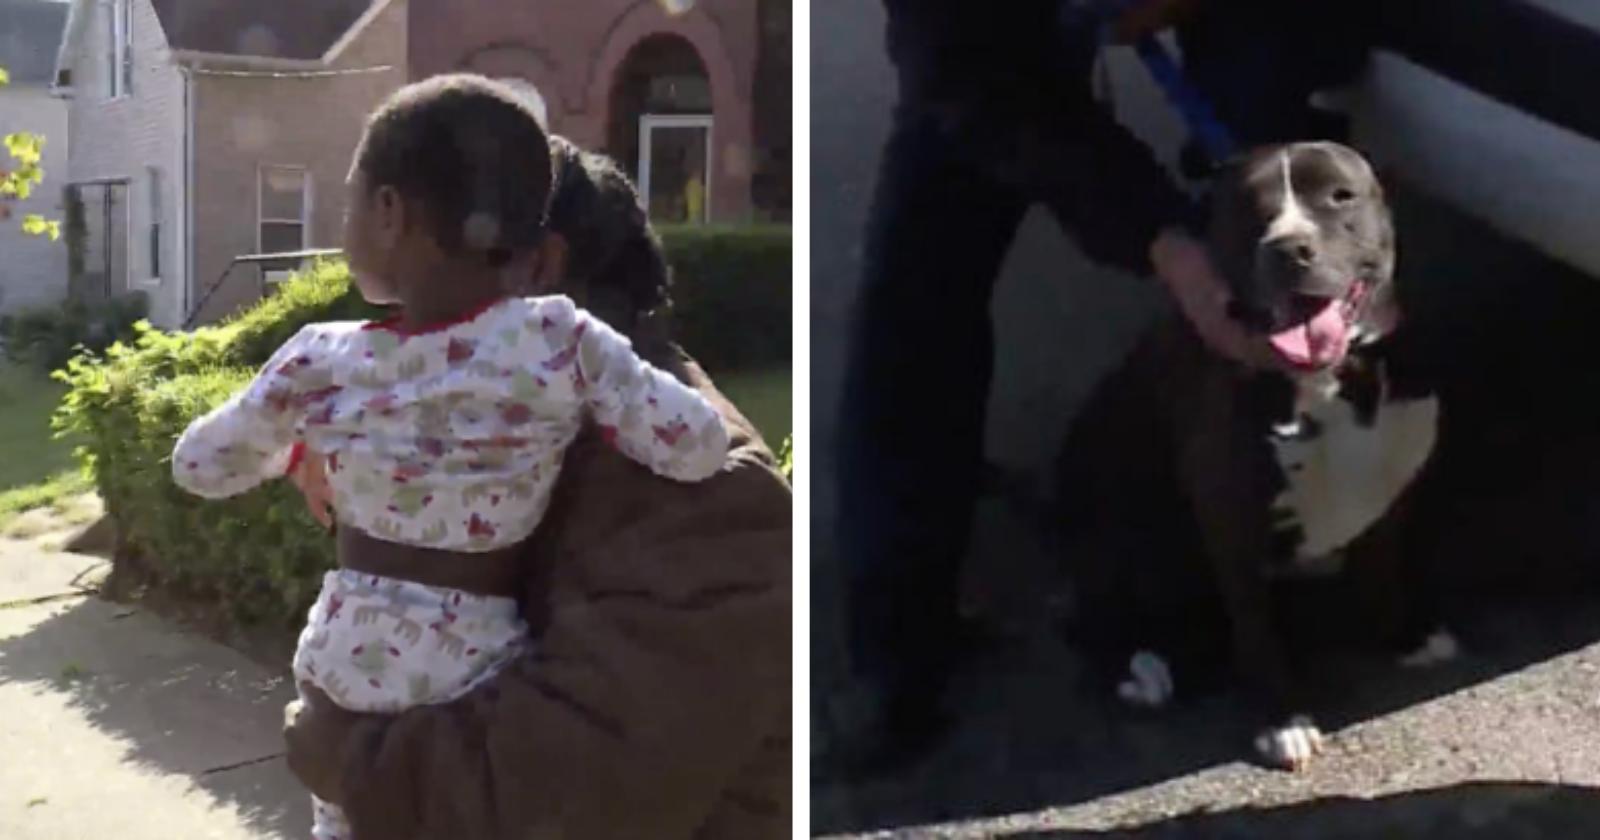 Pit bull de rua protege criança que se perdeu do pai até ajuda chegar: 'Agiu como cão de guarda dele'